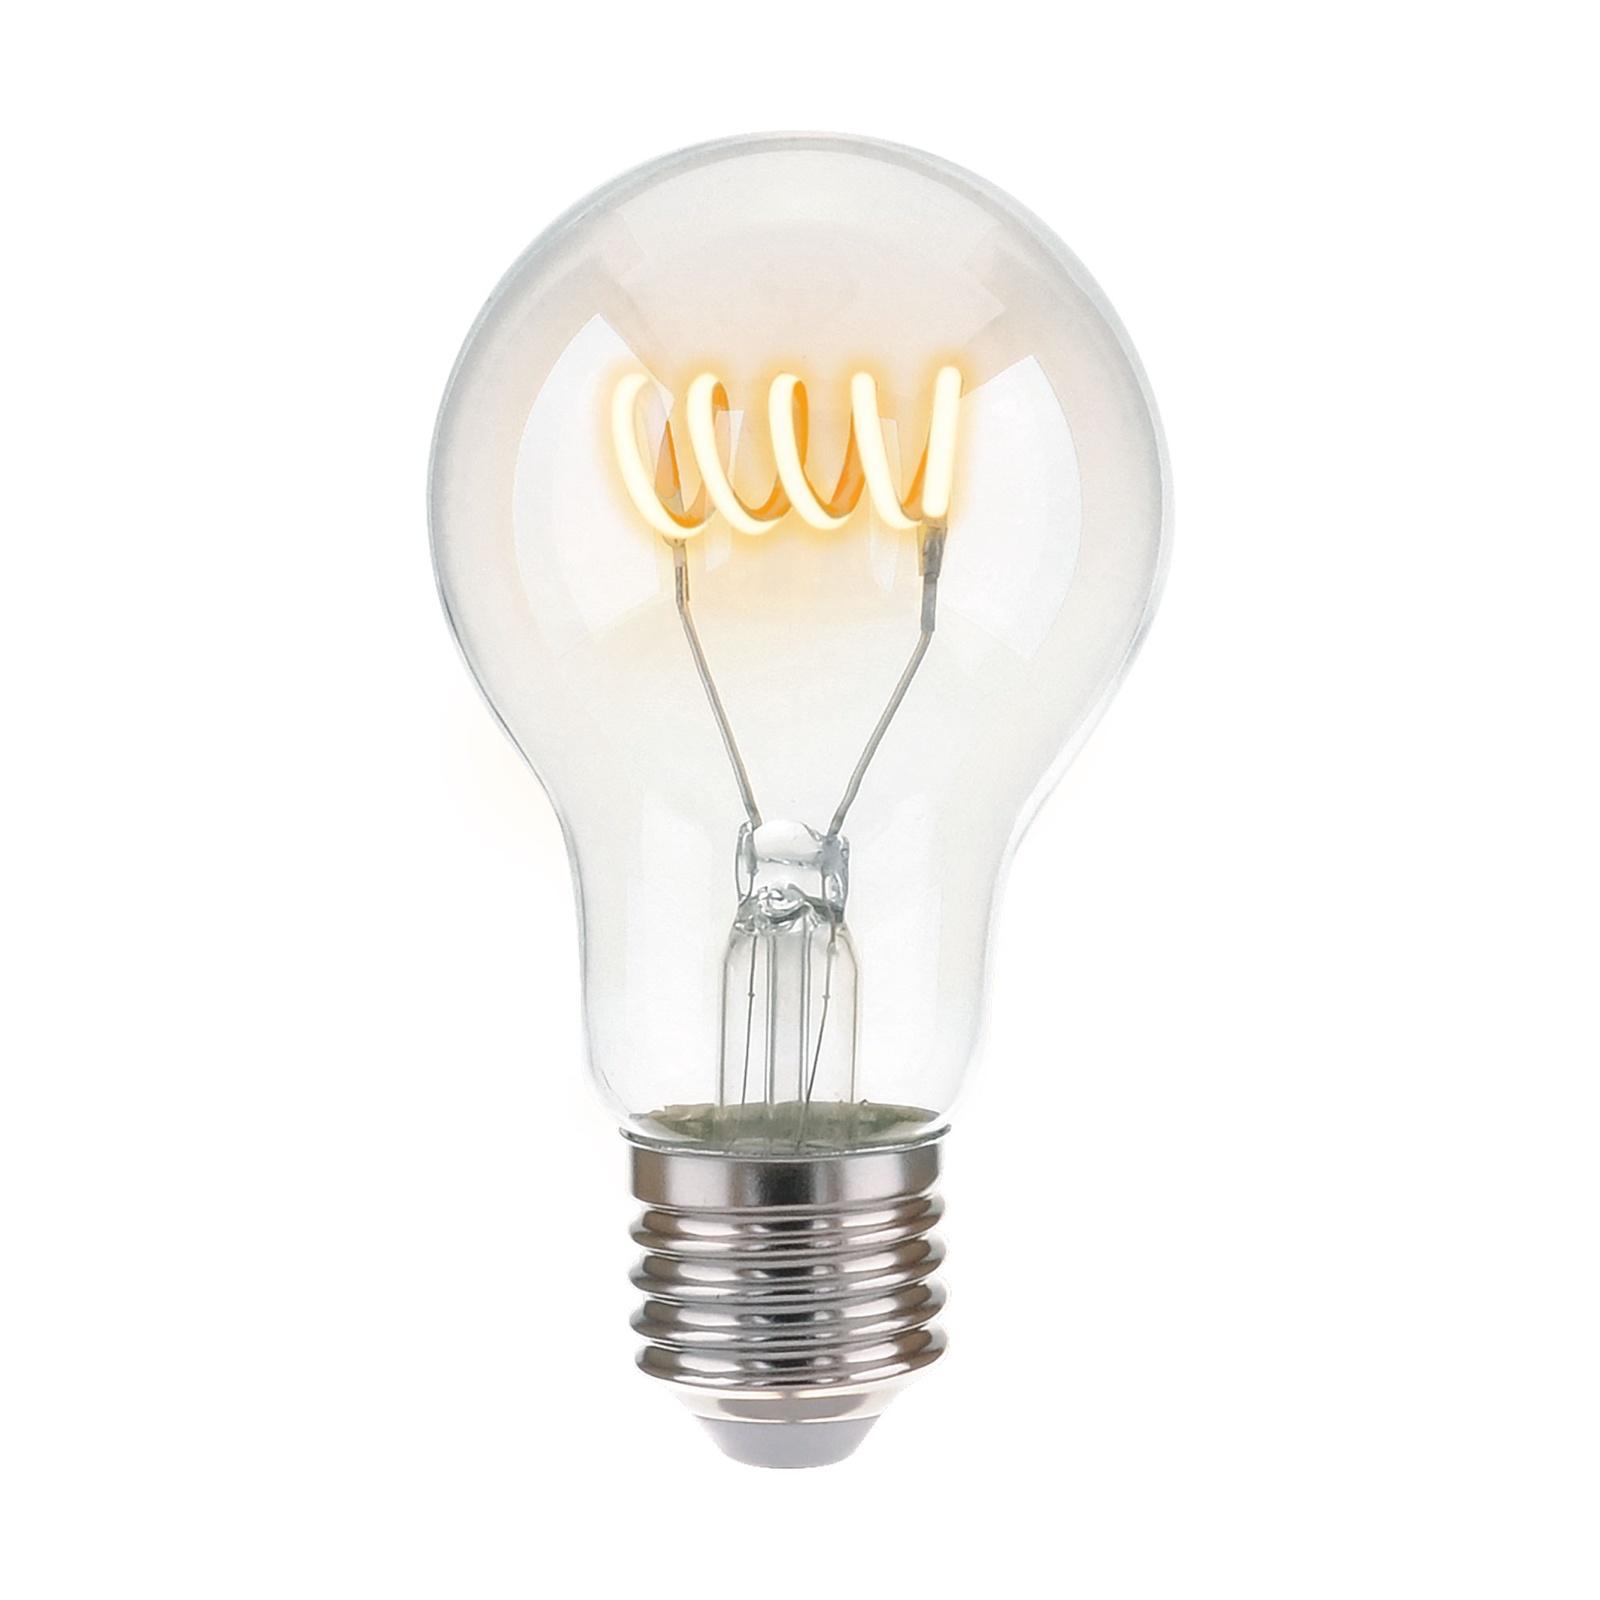 Лампочка Elektrostandard светодиодная Classic FD 6W 4200K E27, Нейтральный свет 6 Вт, Светодиодная лампы светодиодная elektrostandard classic led d 7w 4200k e27